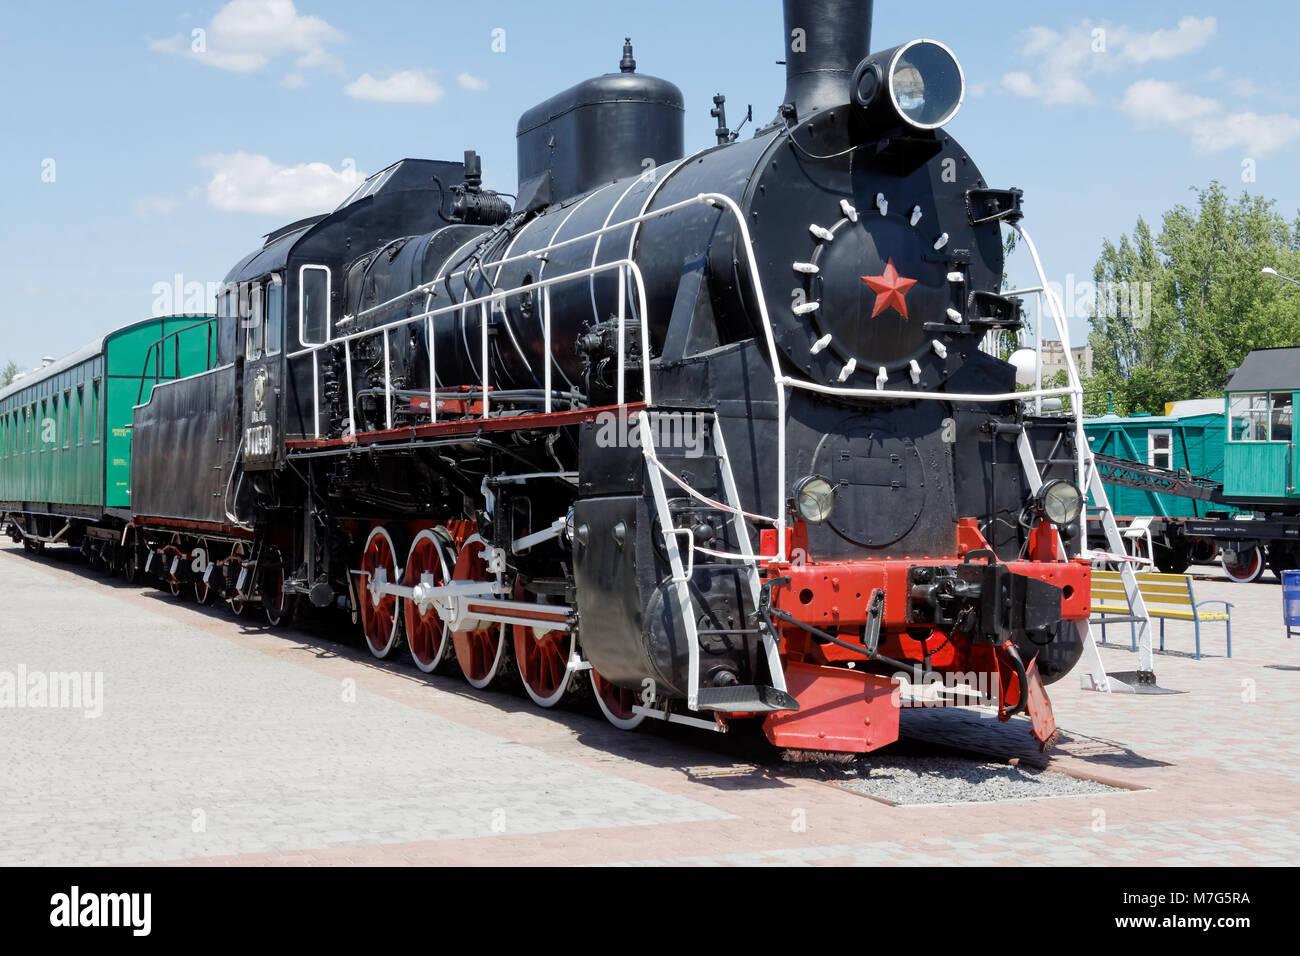 Old black steam locomotive Er774-40 in the Kharkіv Railway Museum. Ukraine, Kharkіv - Stock Image